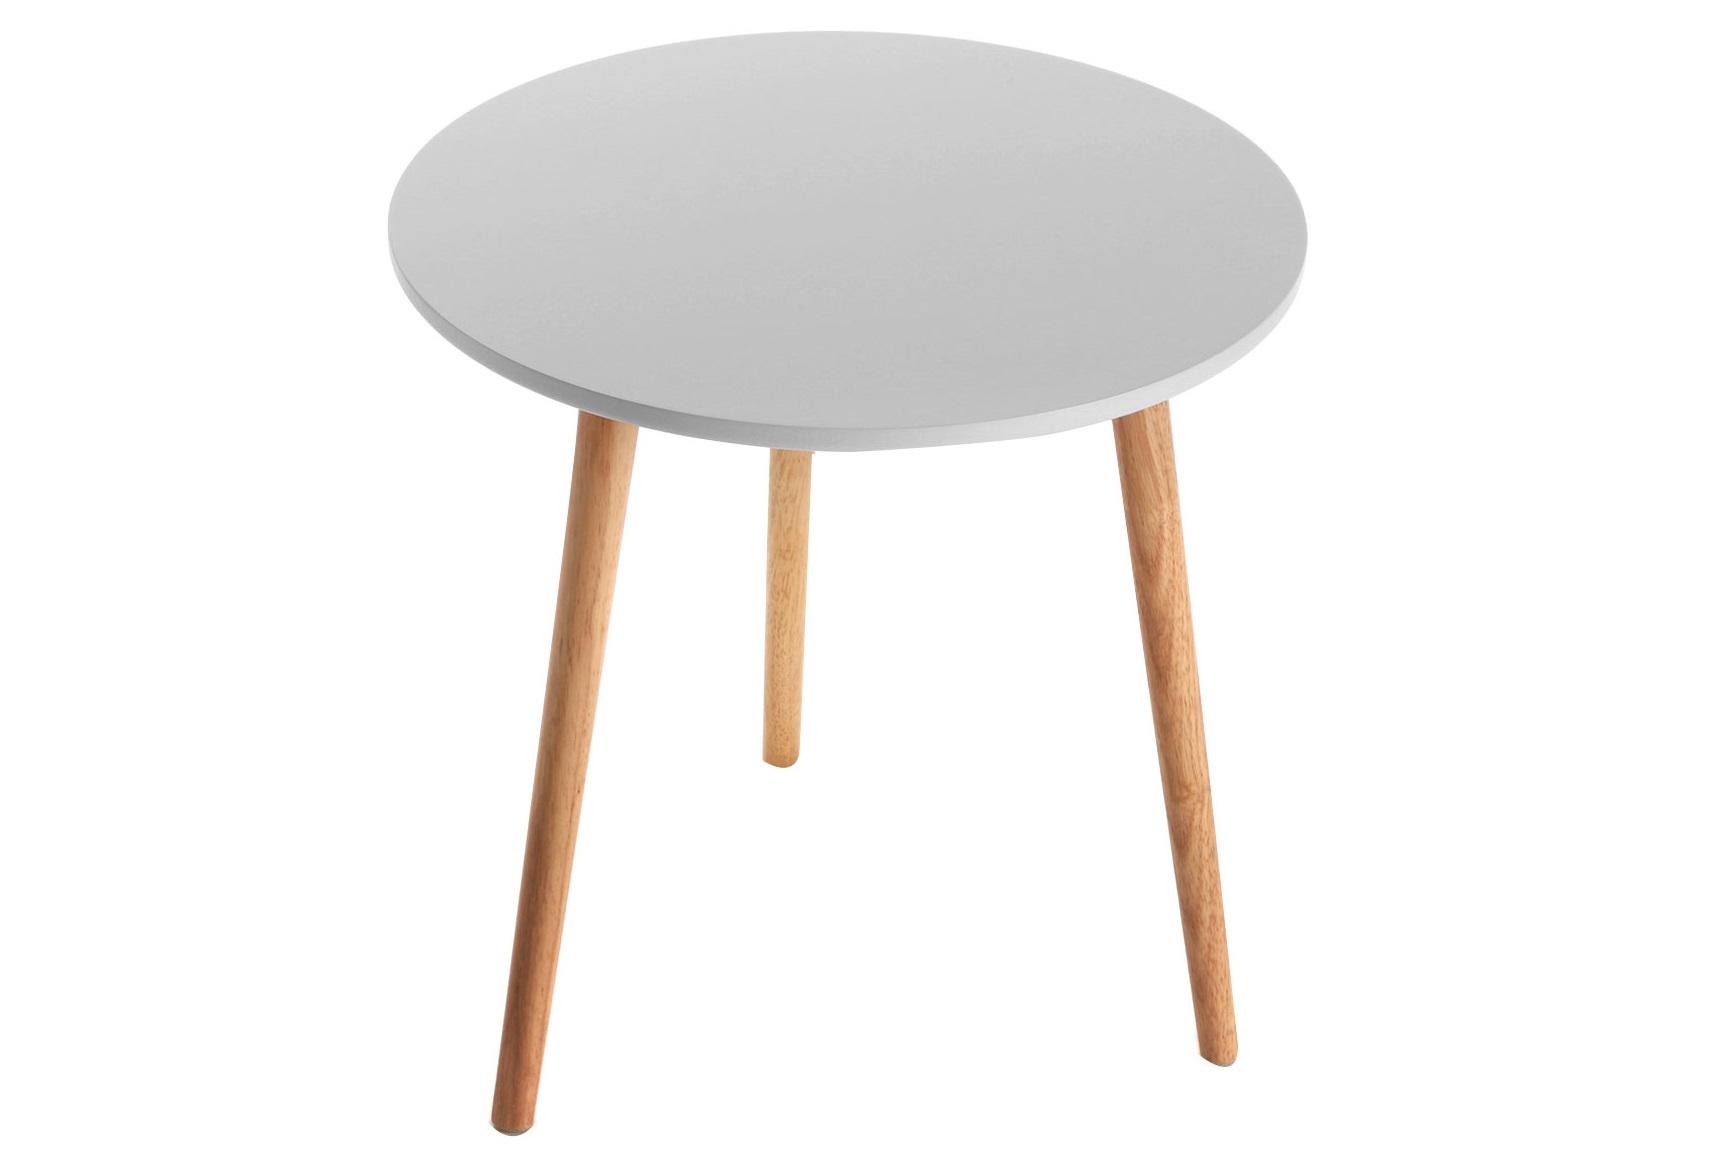 СтолКофейные столики<br><br><br>Material: Дерево<br>Length см: None<br>Width см: None<br>Height см: 50<br>Diameter см: 50